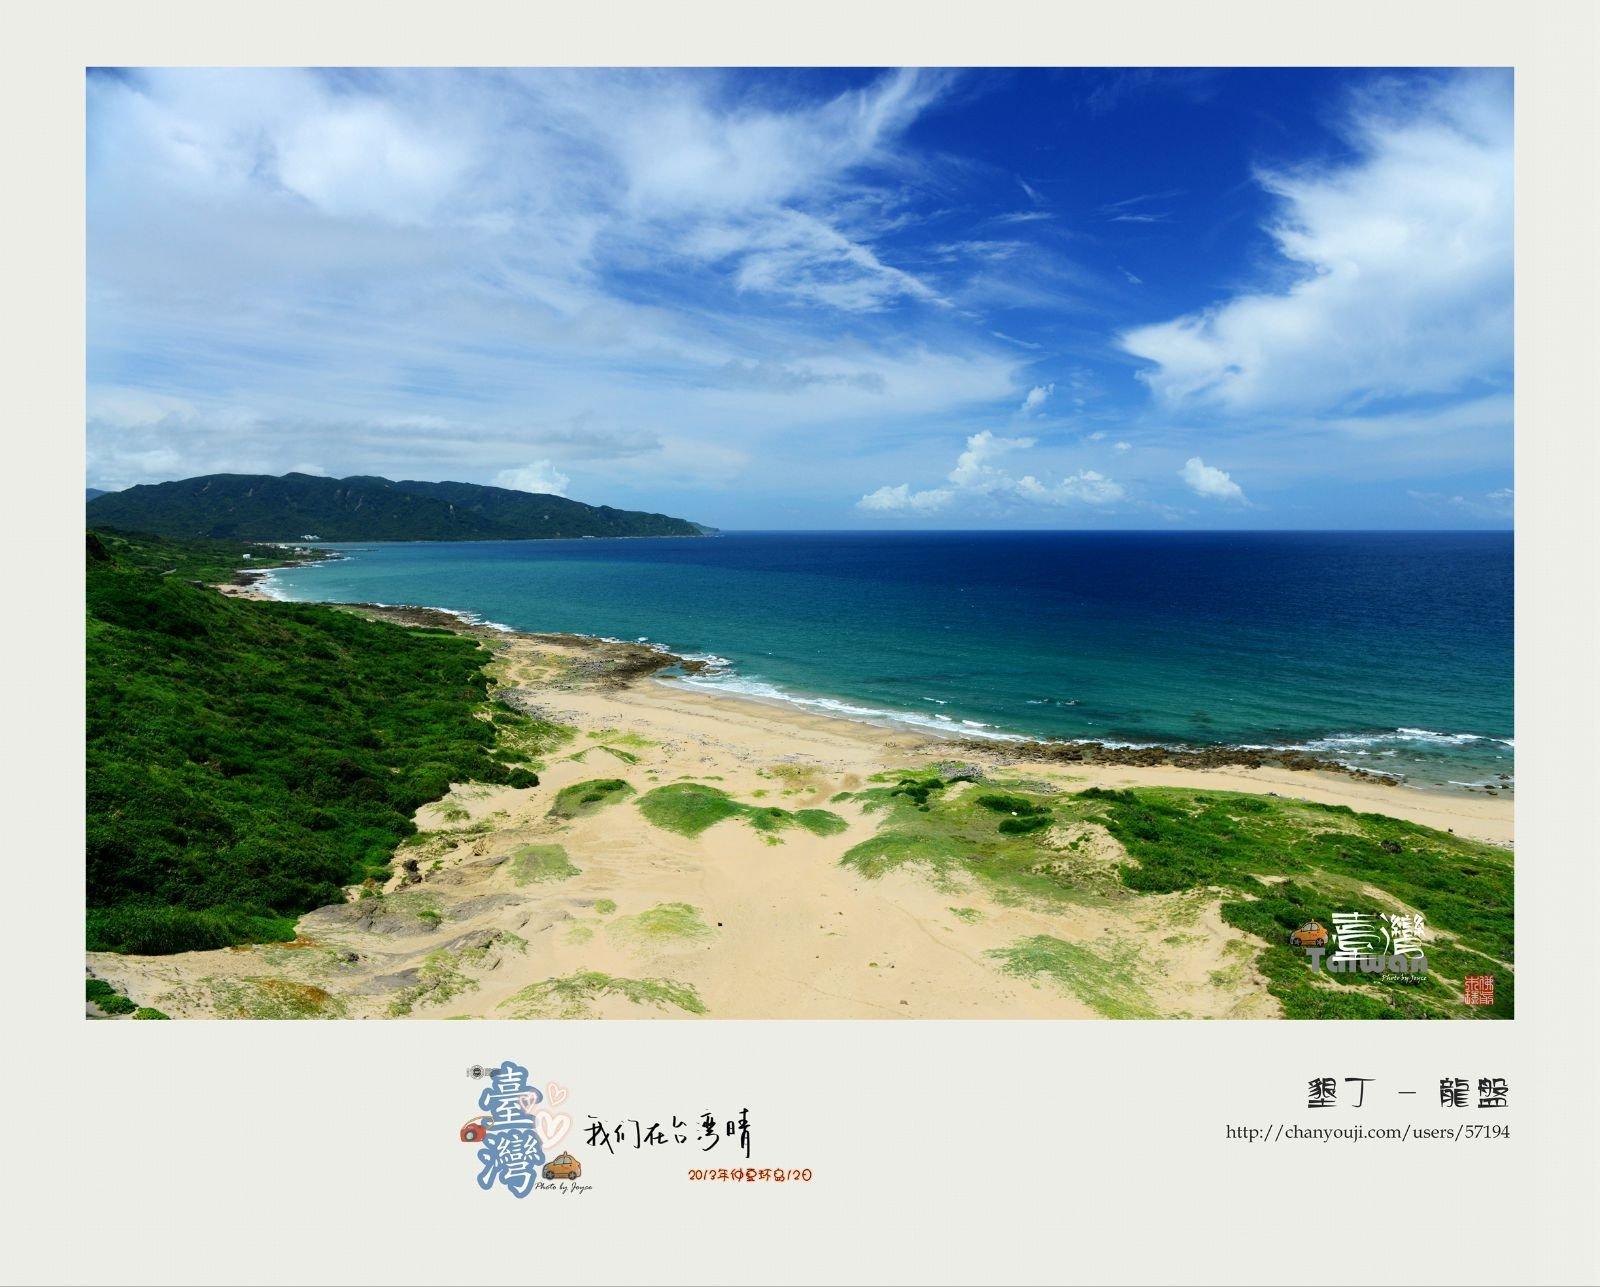 亲子家庭游,看海的台湾深度行